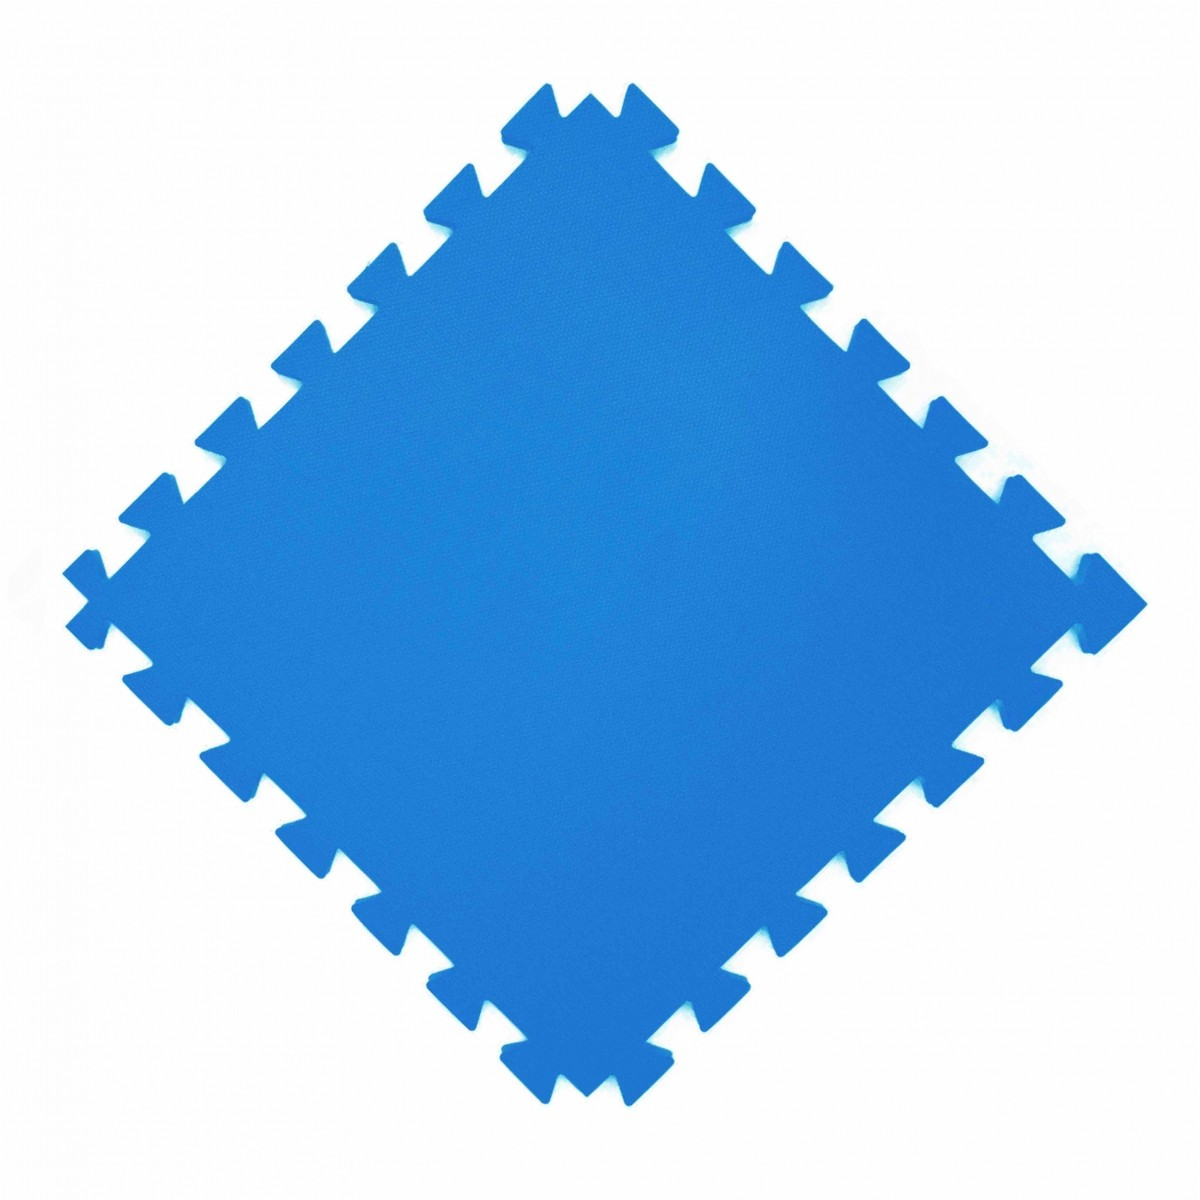 Tatame  100x100cm Com 40mm de Espessura   Azul  -